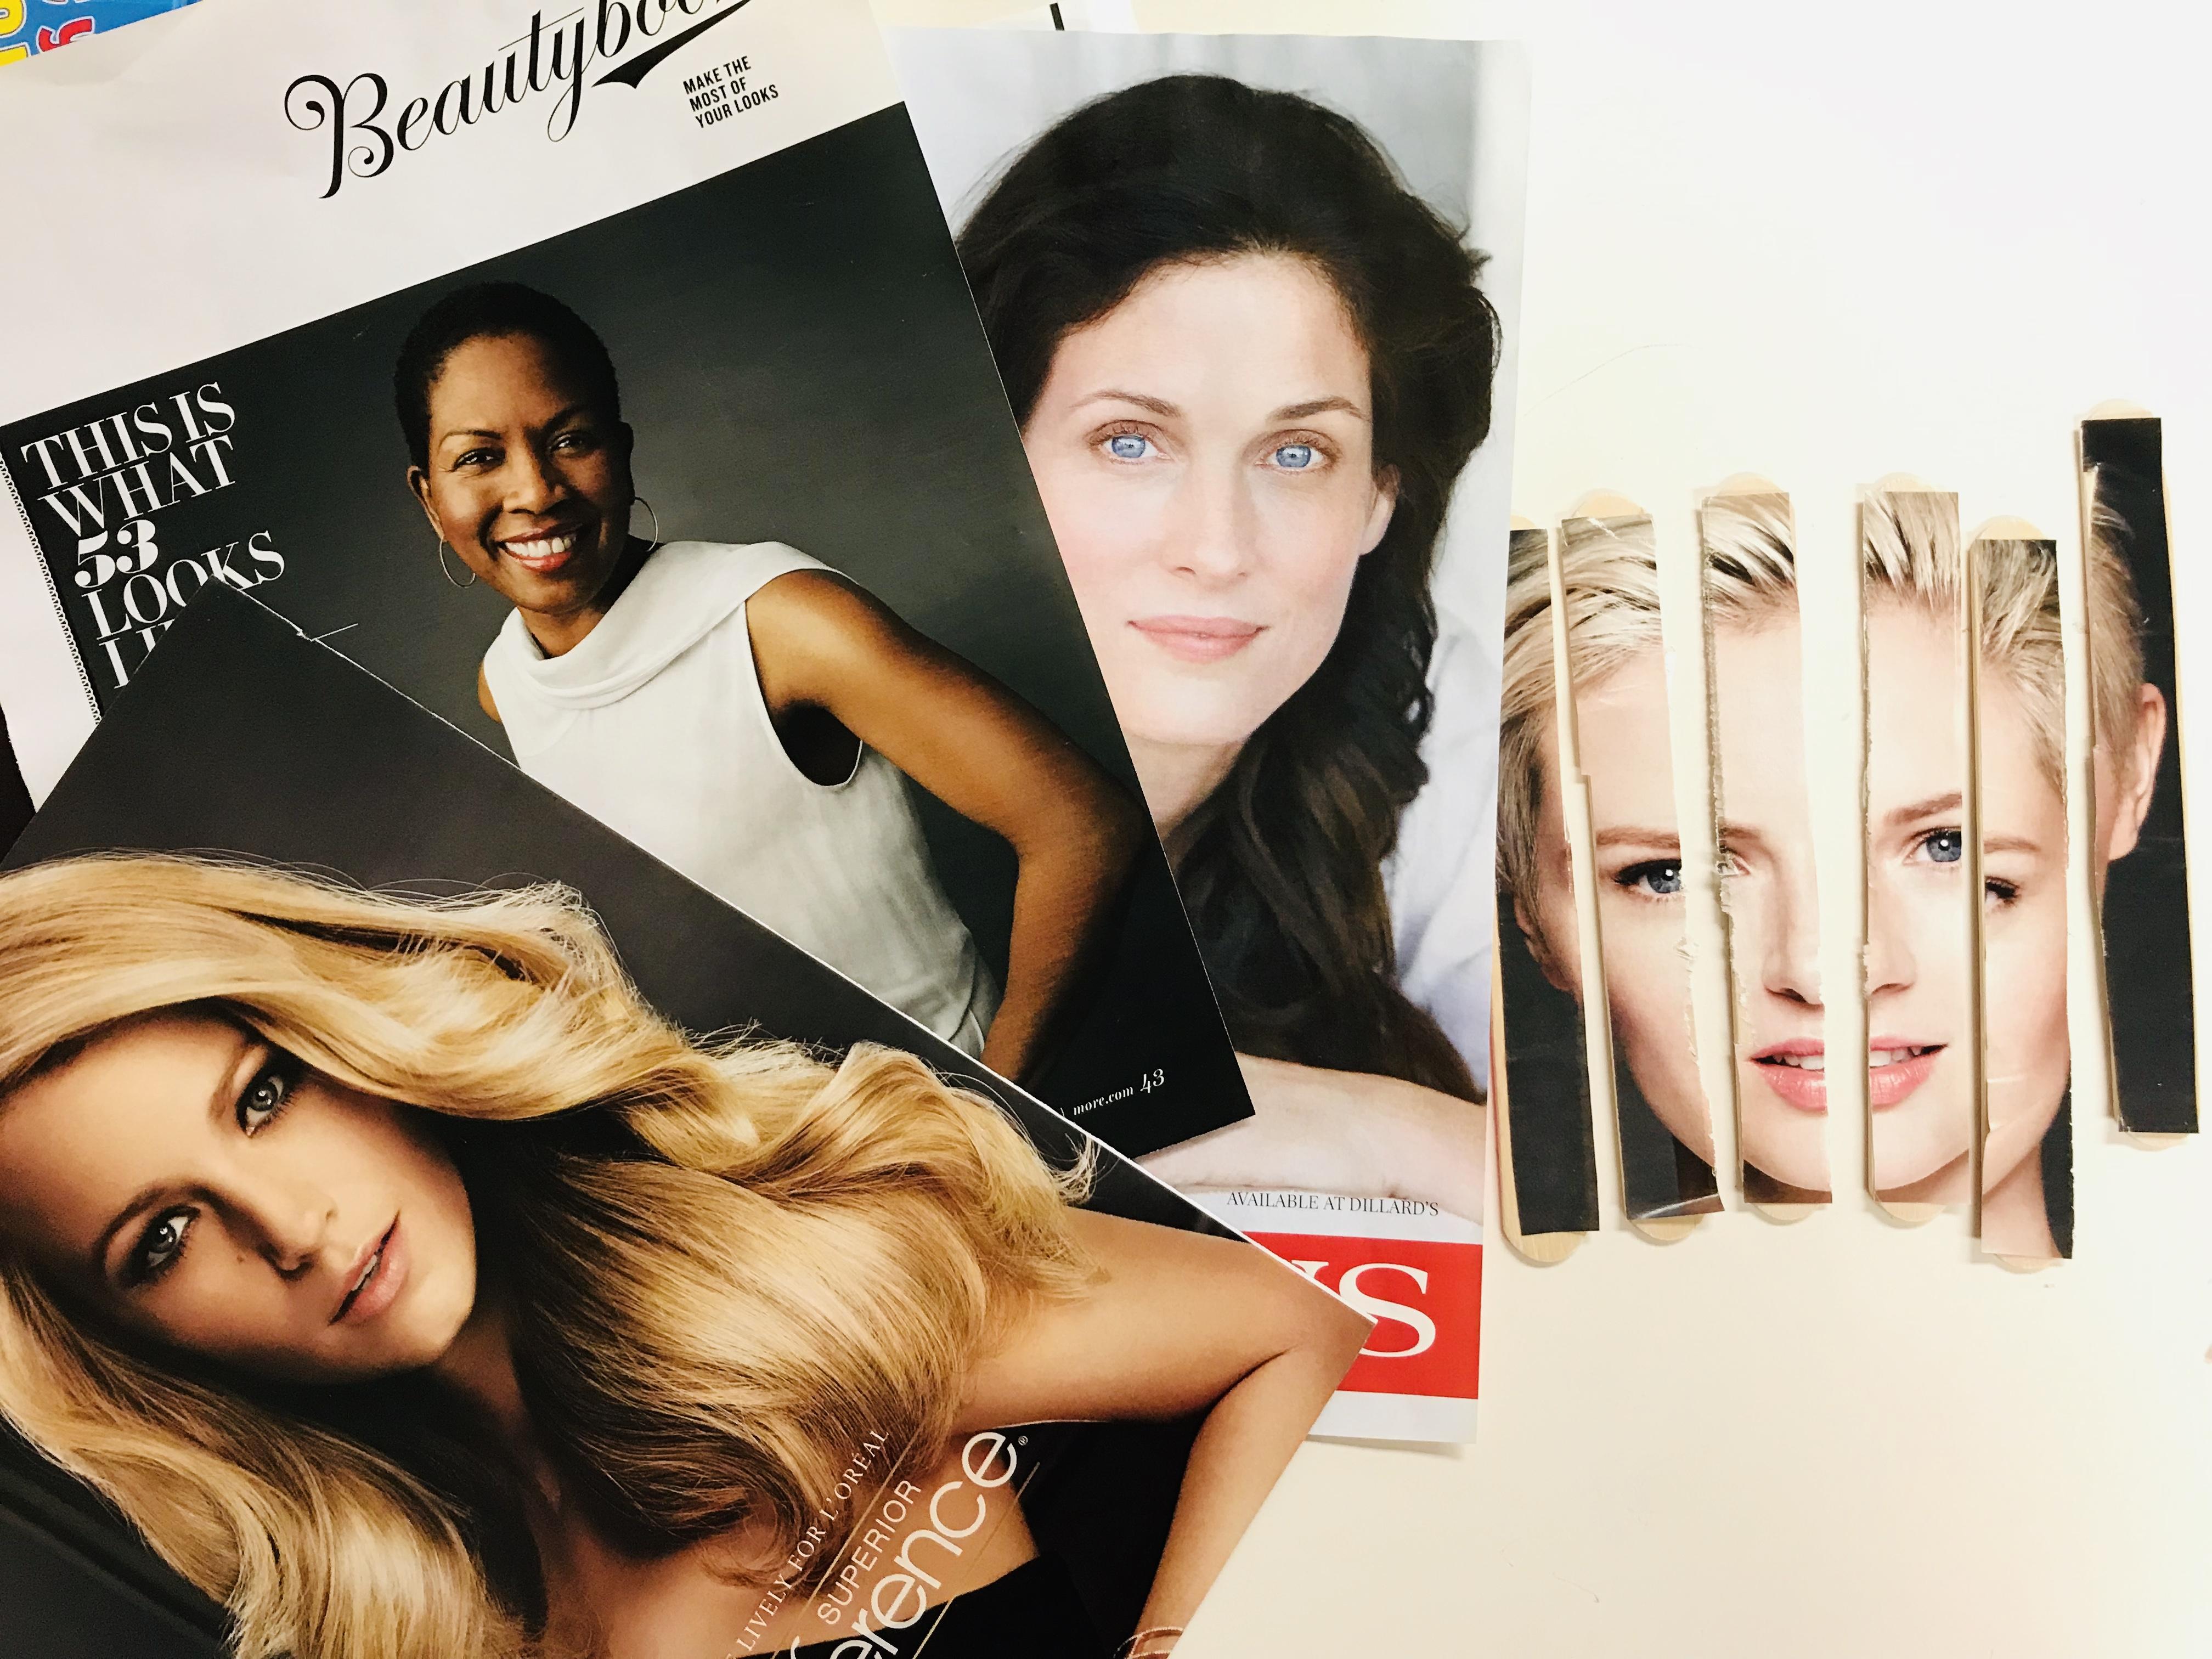 Magazine images of women